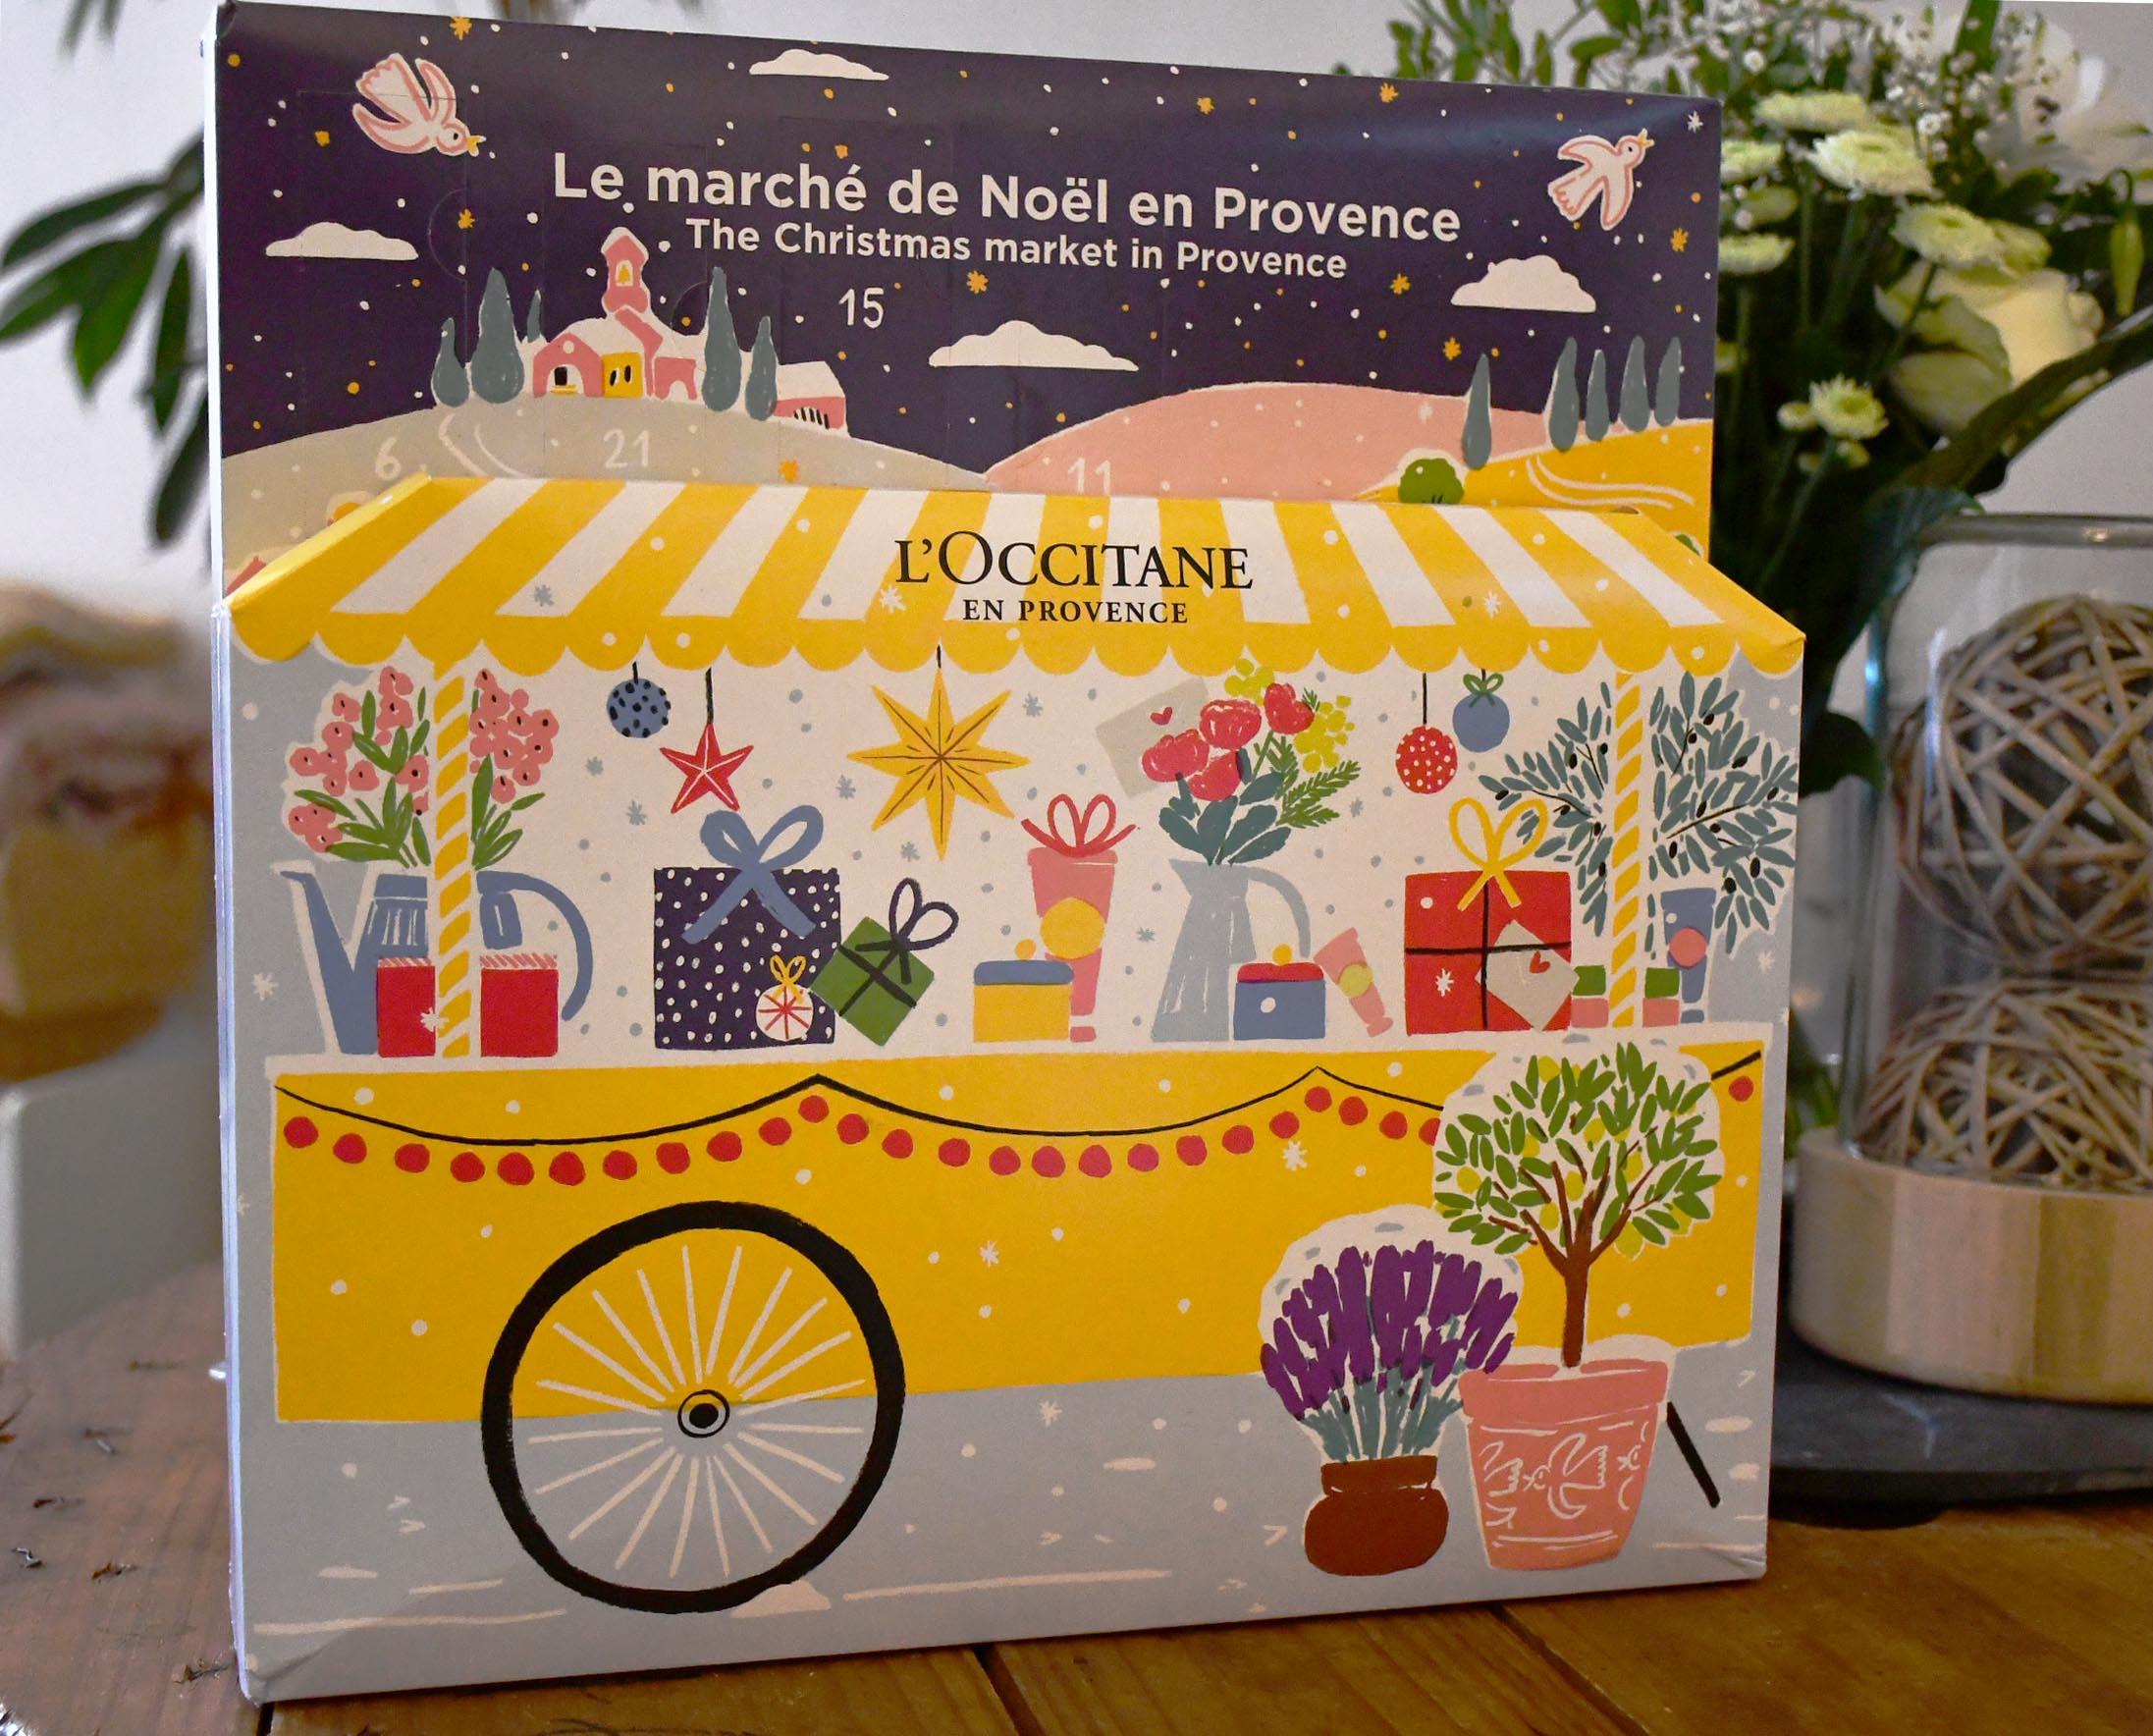 Calendrier de l'avant L'Occitane en Provence